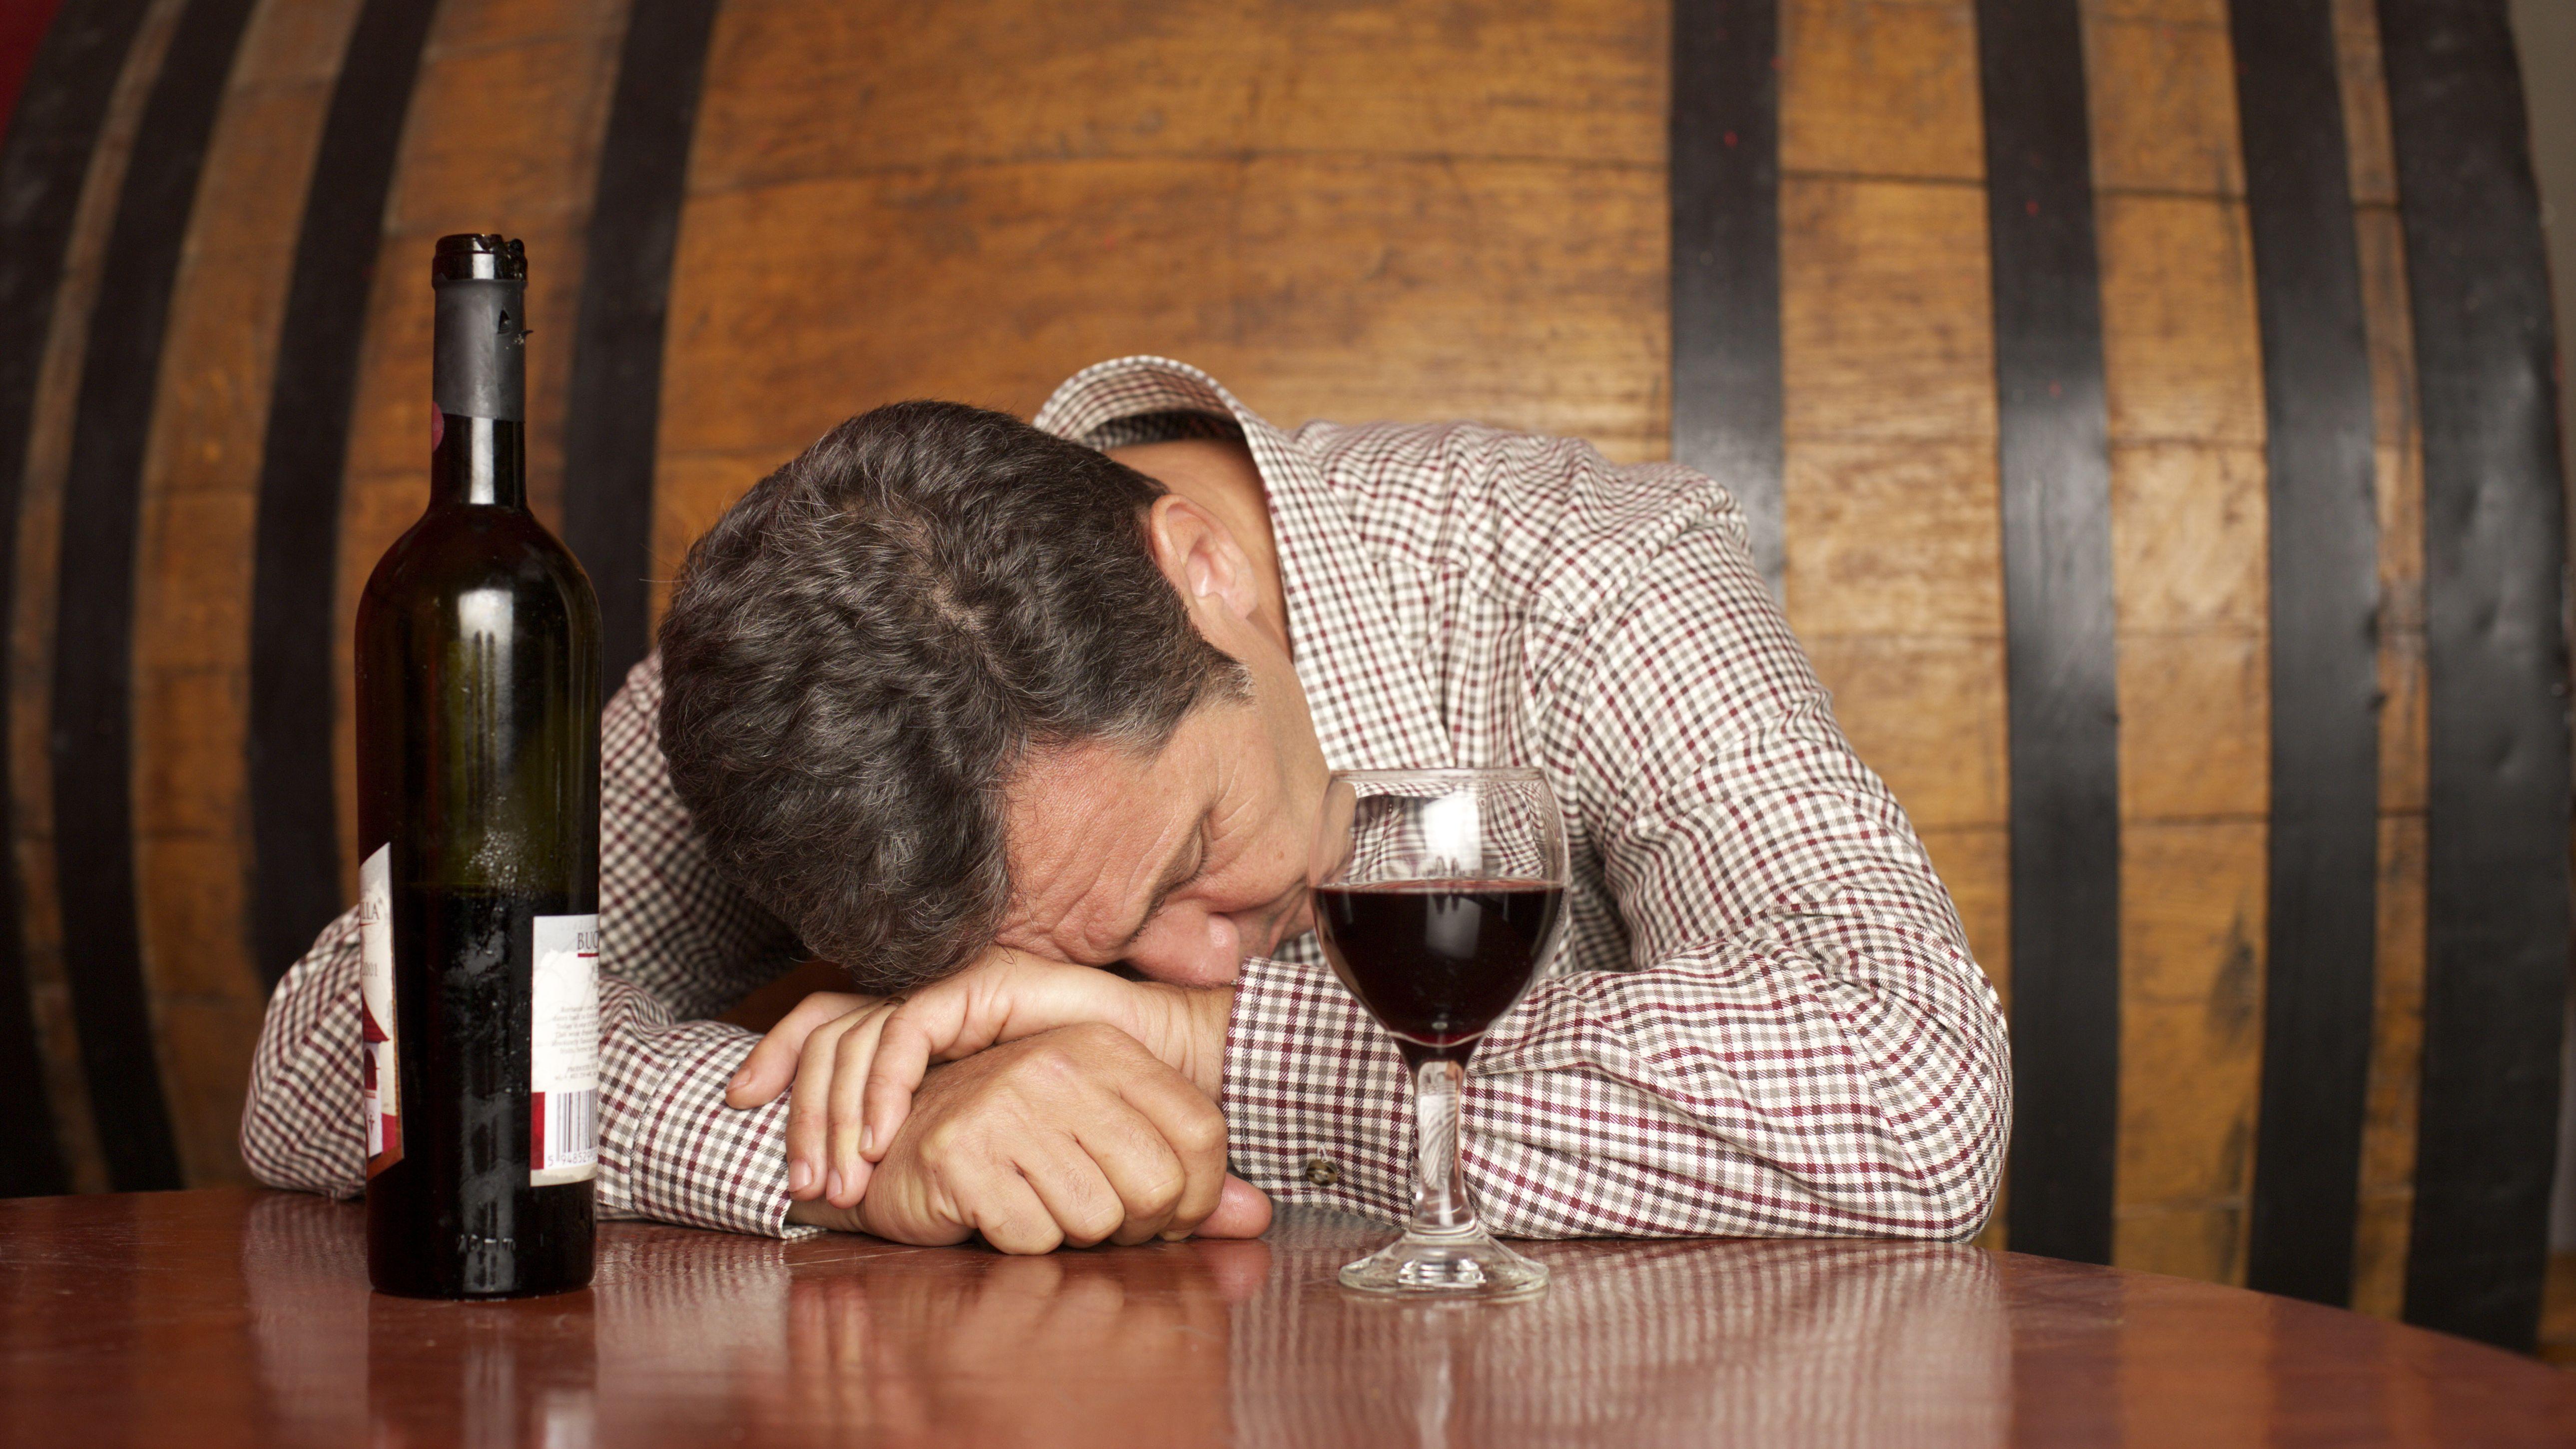 Alkohol hilft, trinken nicht: Fake News in Zeiten von Corona